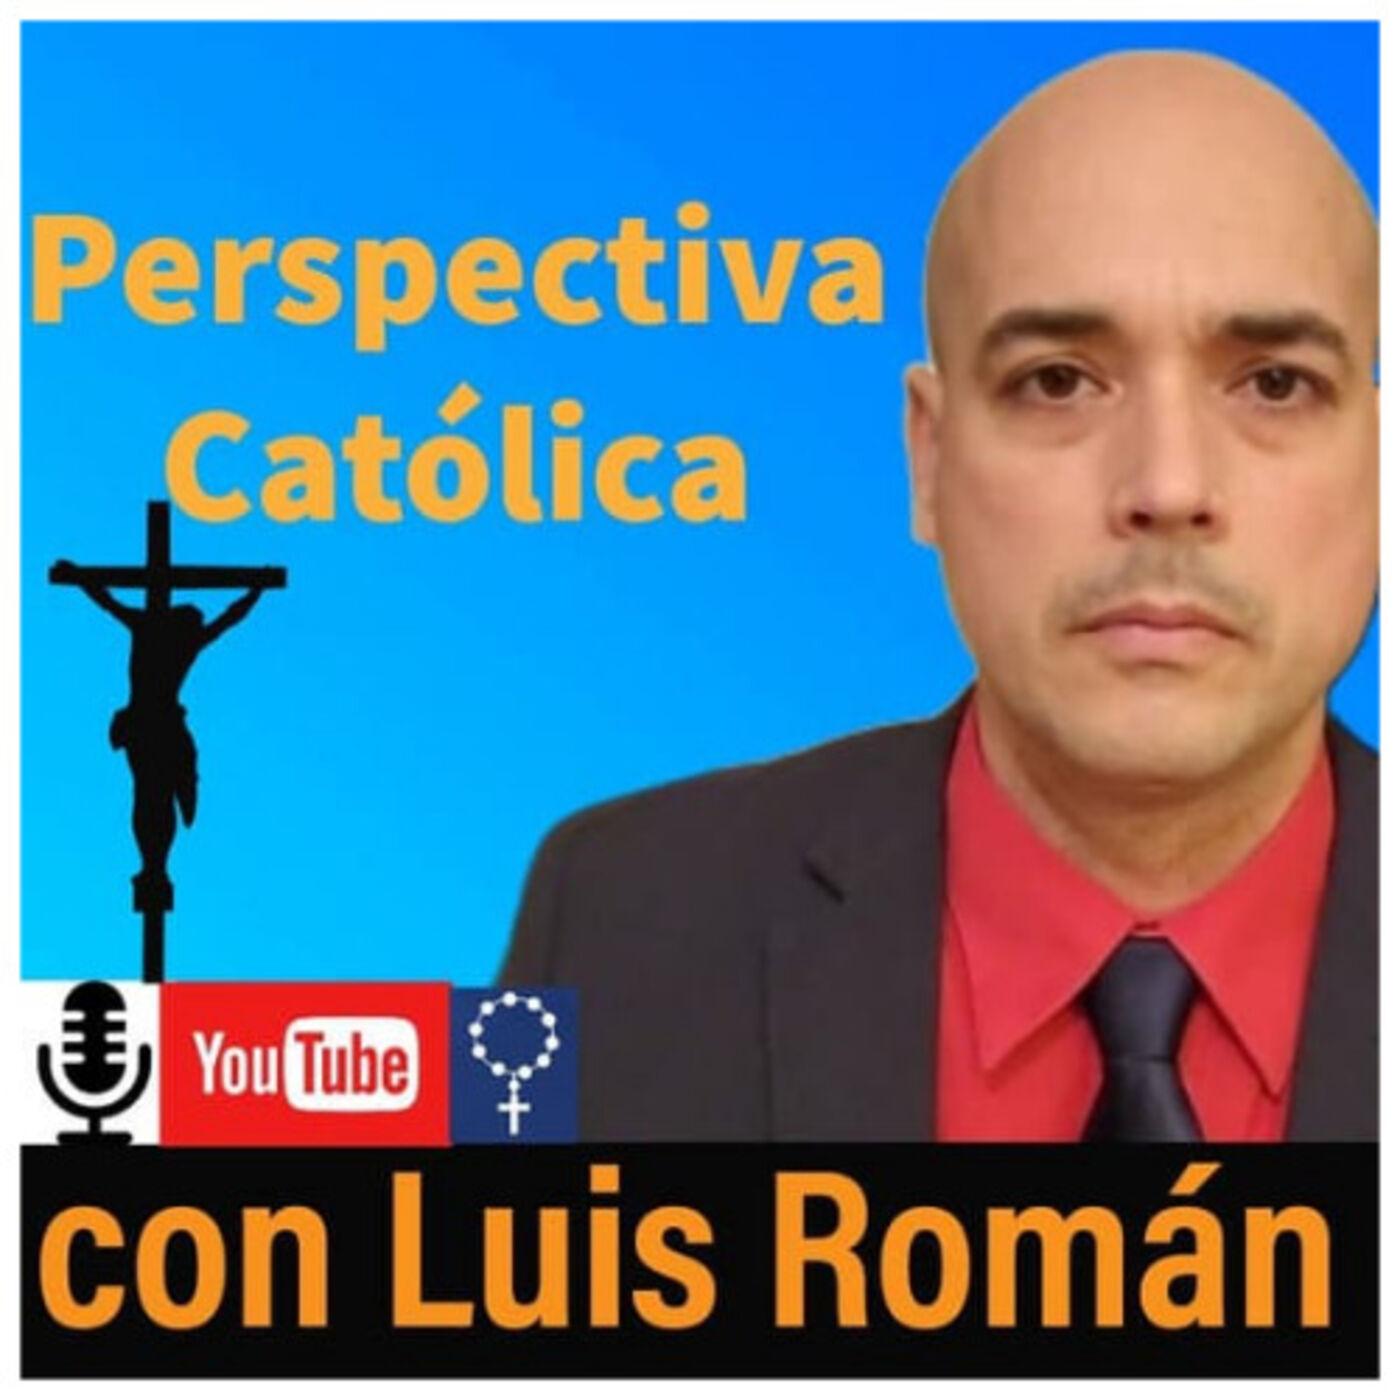 """Perspectiva Católica 15: 🤦♂️ El Papa otra vez contra la rigidez """"Detrás hay un grave problema"""" en VIVO con Luis Román"""